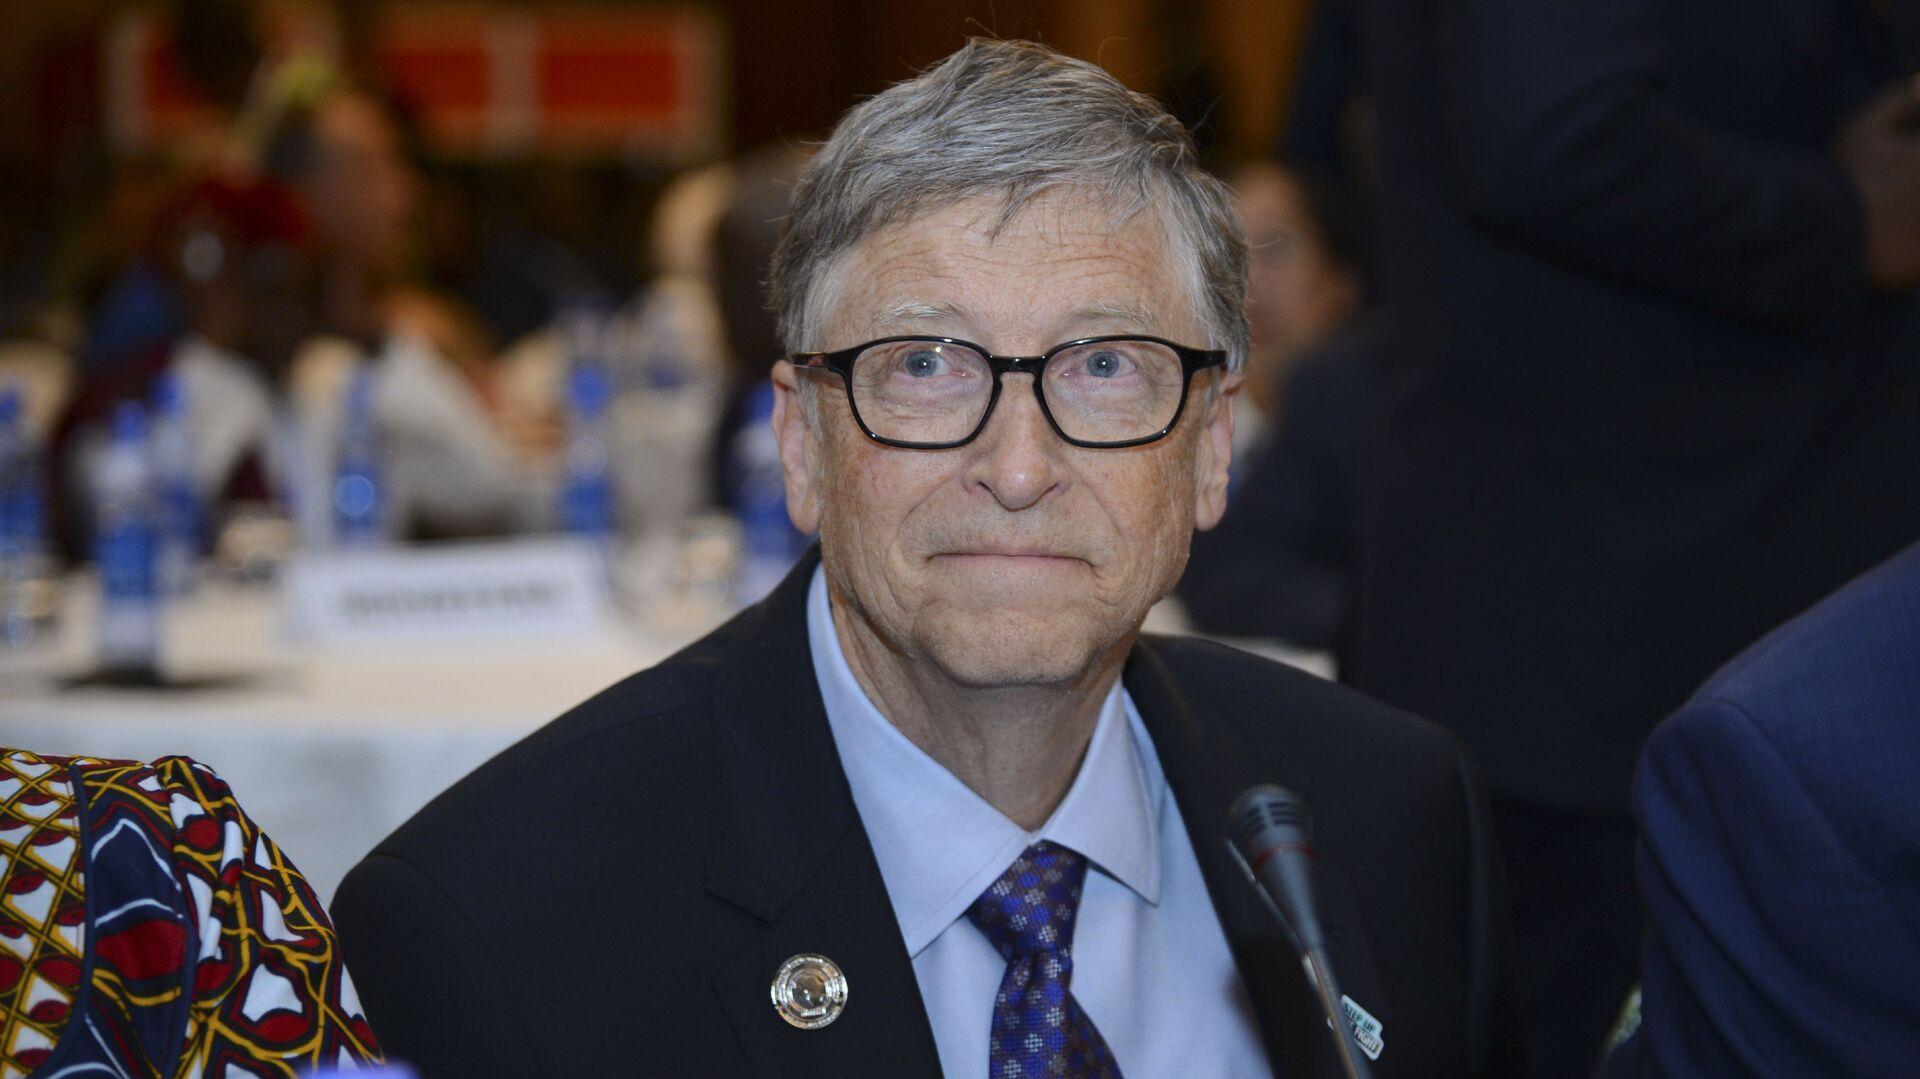 Bill Gates, presidente della 'Bill & Melinda Gates Foundation', partecipa all'Africa Leadership Meeting - Investing in Health Outcomes tenutosi in un hotel di Addis Abeba, in Etiopia, 9 febbraio 2019.  - Sputnik Italia, 1920, 26.02.2021